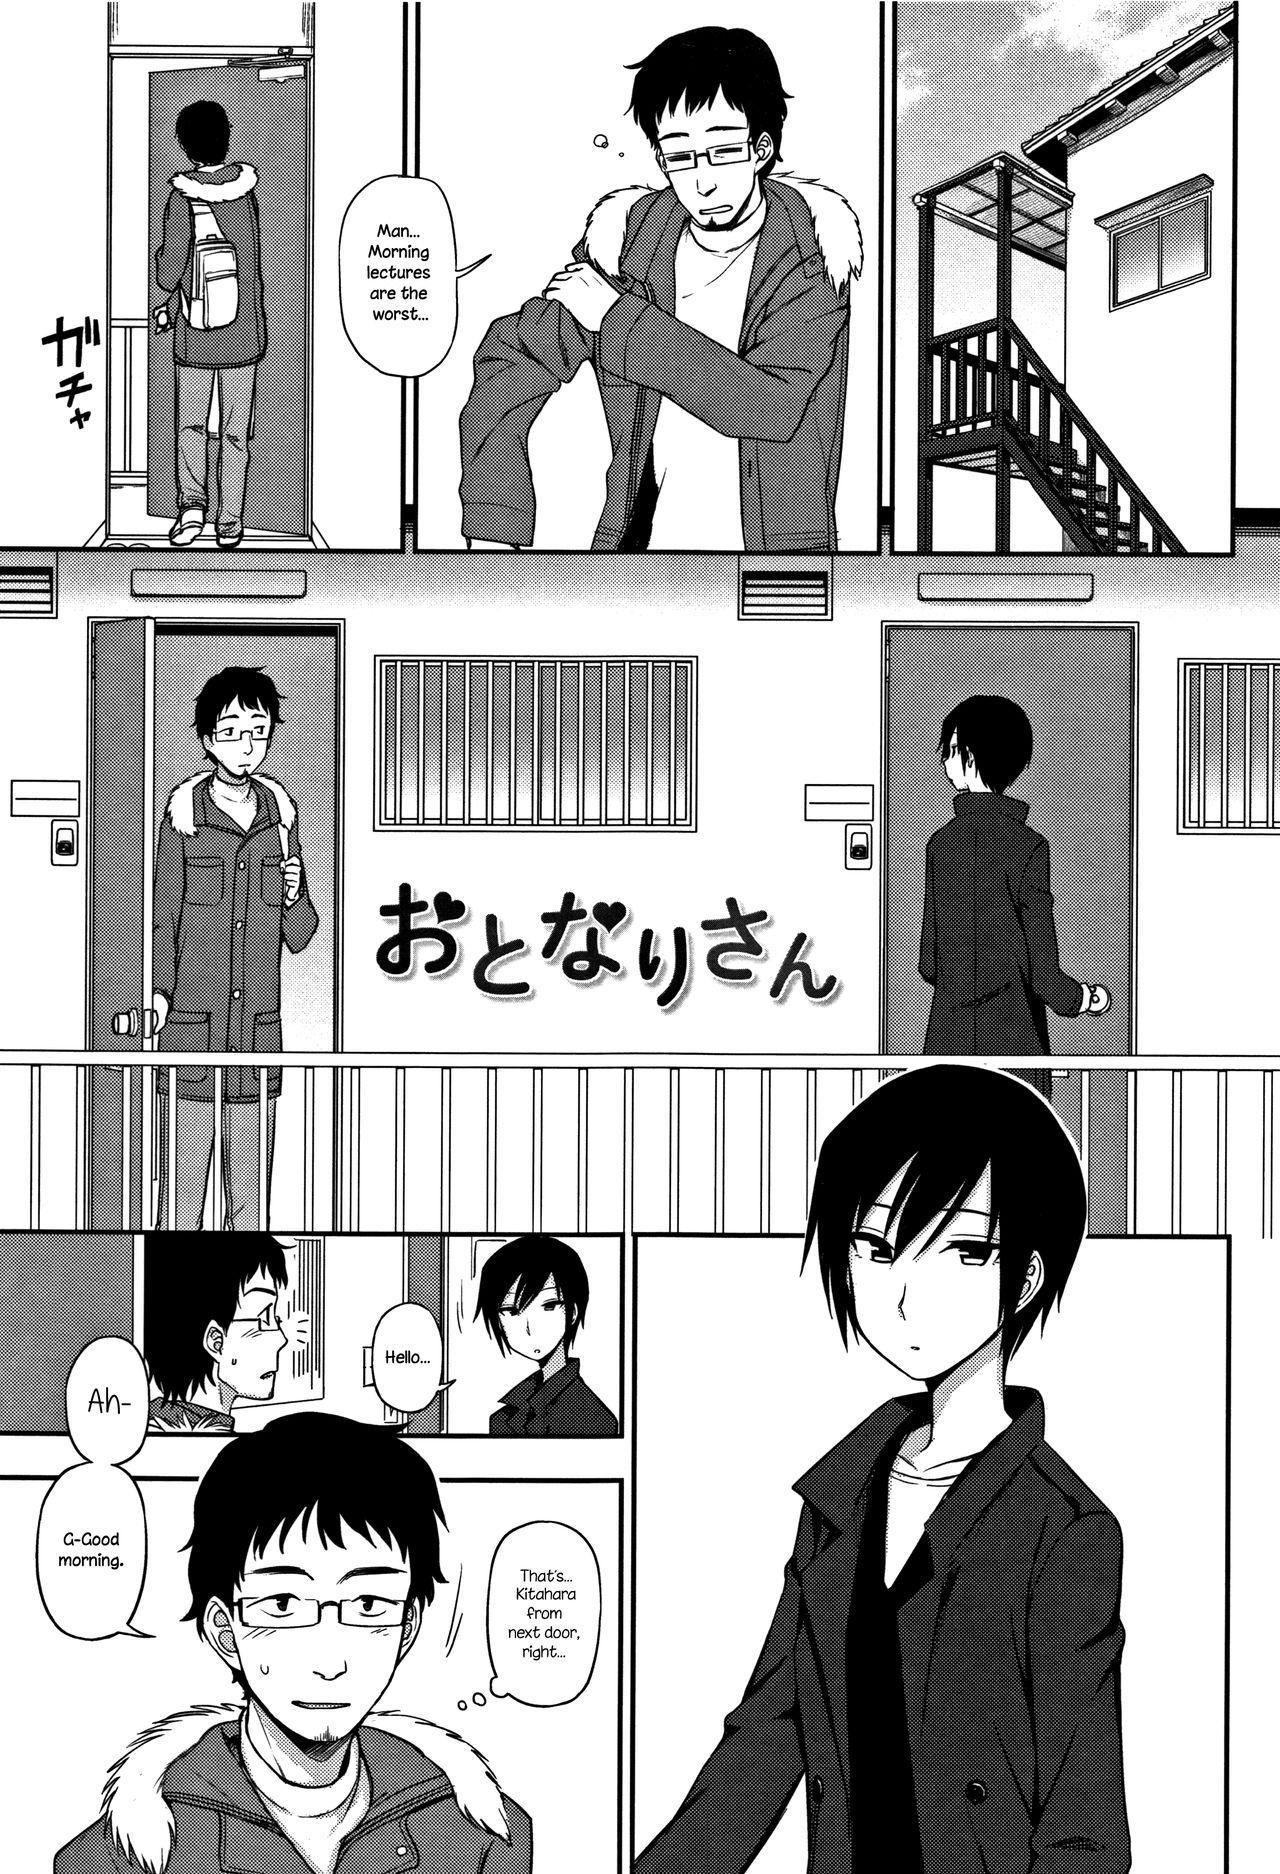 [Kumano Tooru] Otonari-san | Next-Door Neighbor (Kimochi Ii no ga Suki Nandesu) [English] {NecroManCr} 0